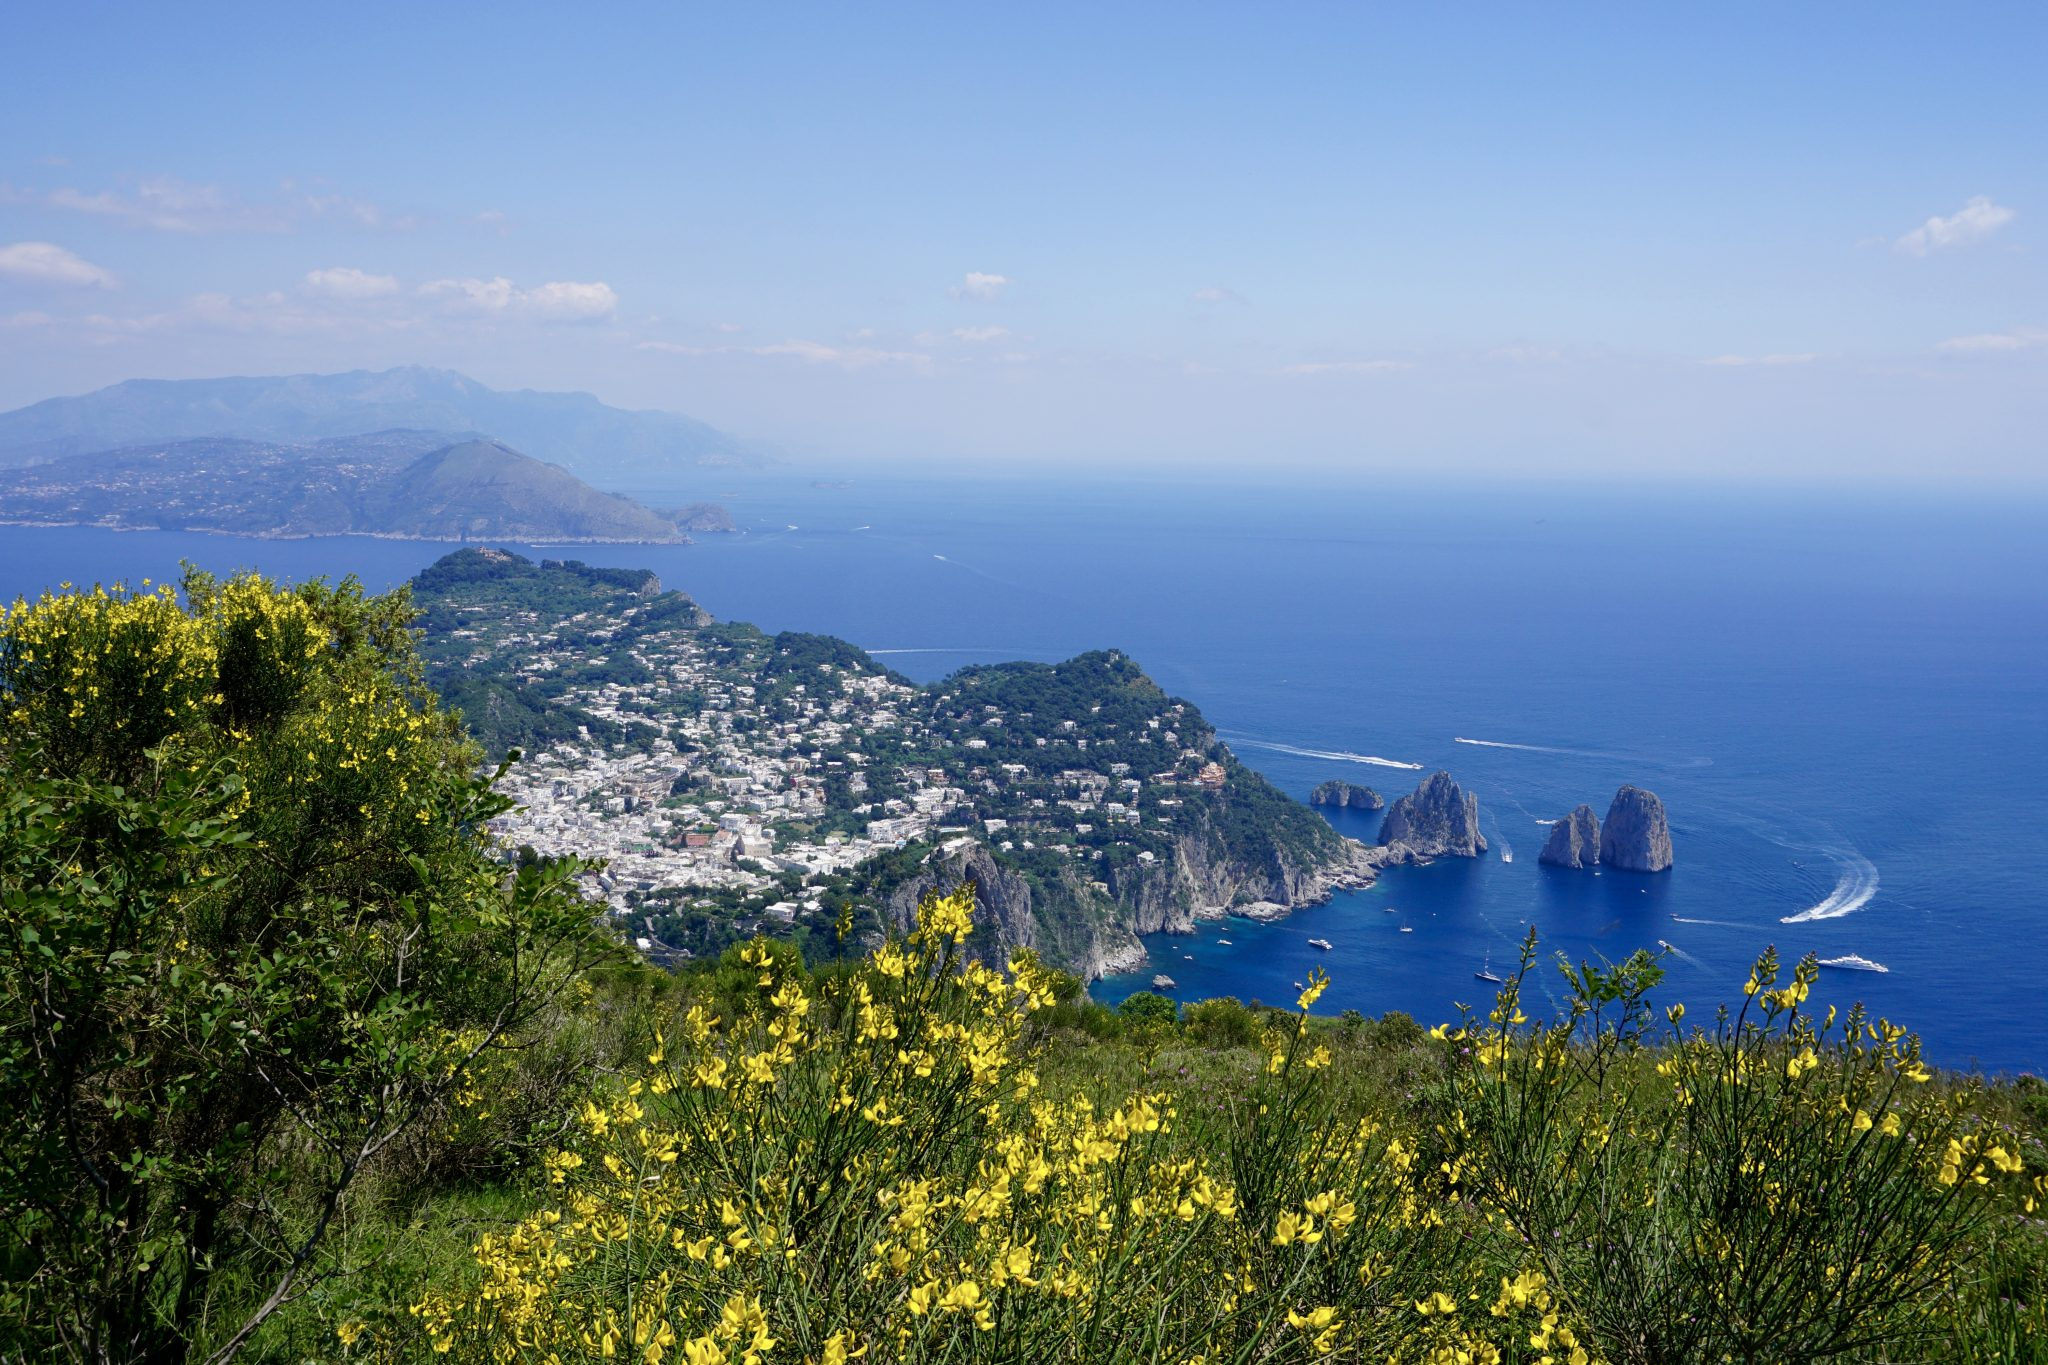 views from mount solaro, capri, italy